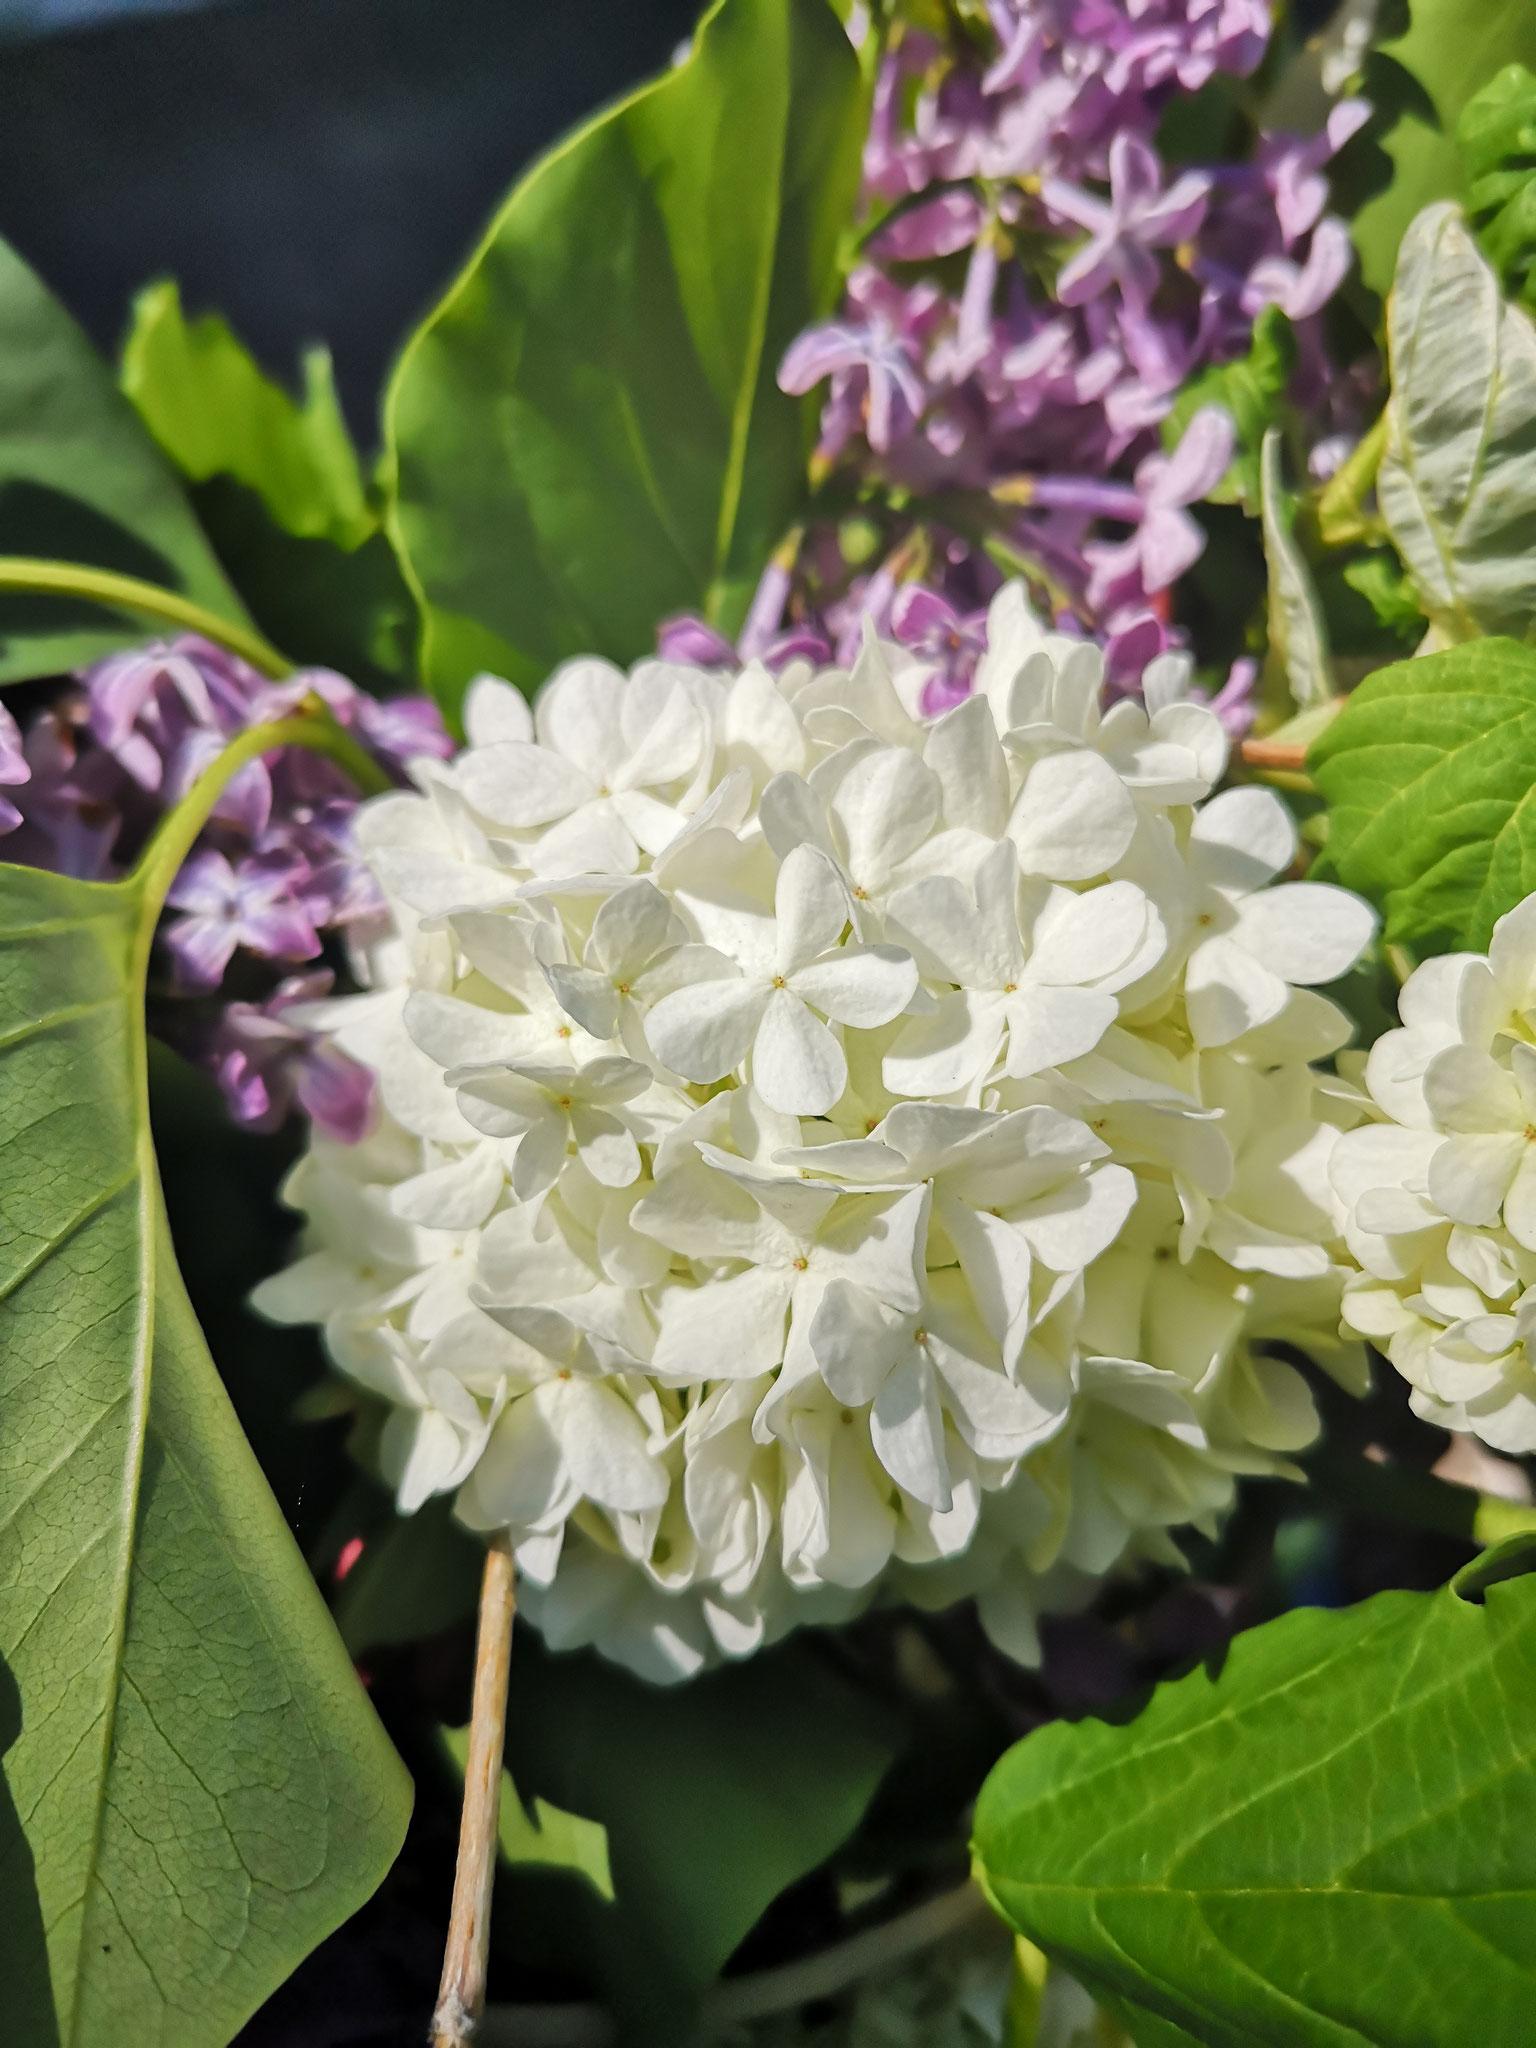 Die Hortensie steht für die Bewunderung der Schönheit der Frau, verständlich, bei den imposanten Blüten.Nicht nur im Garten, sondern auch als Schmuckstück ziehen die Hortensien ihren Blick auf sich.